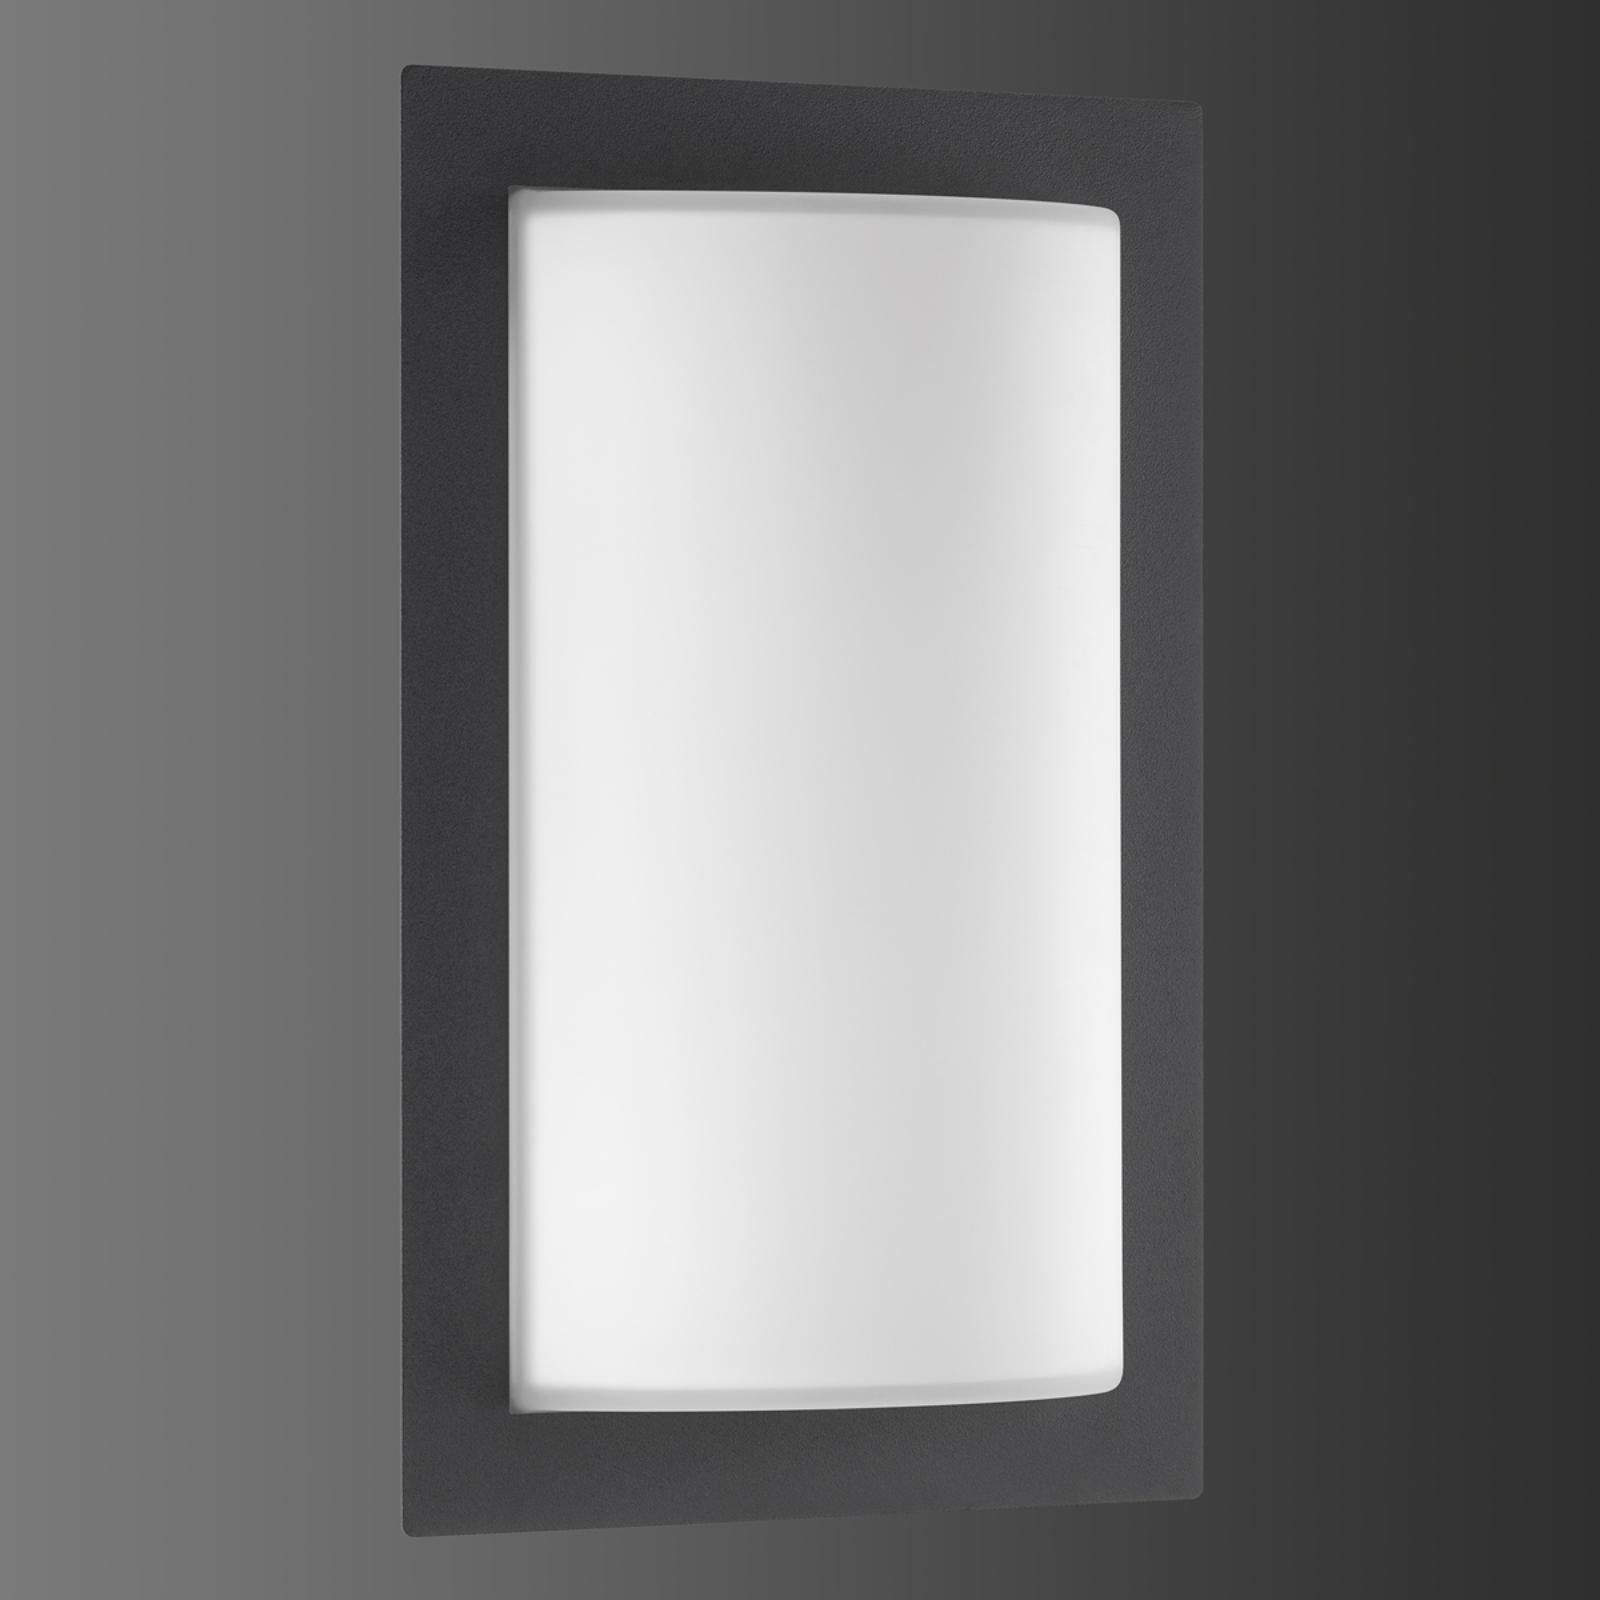 Applique d'extérieur graphite Luis, lumière LED